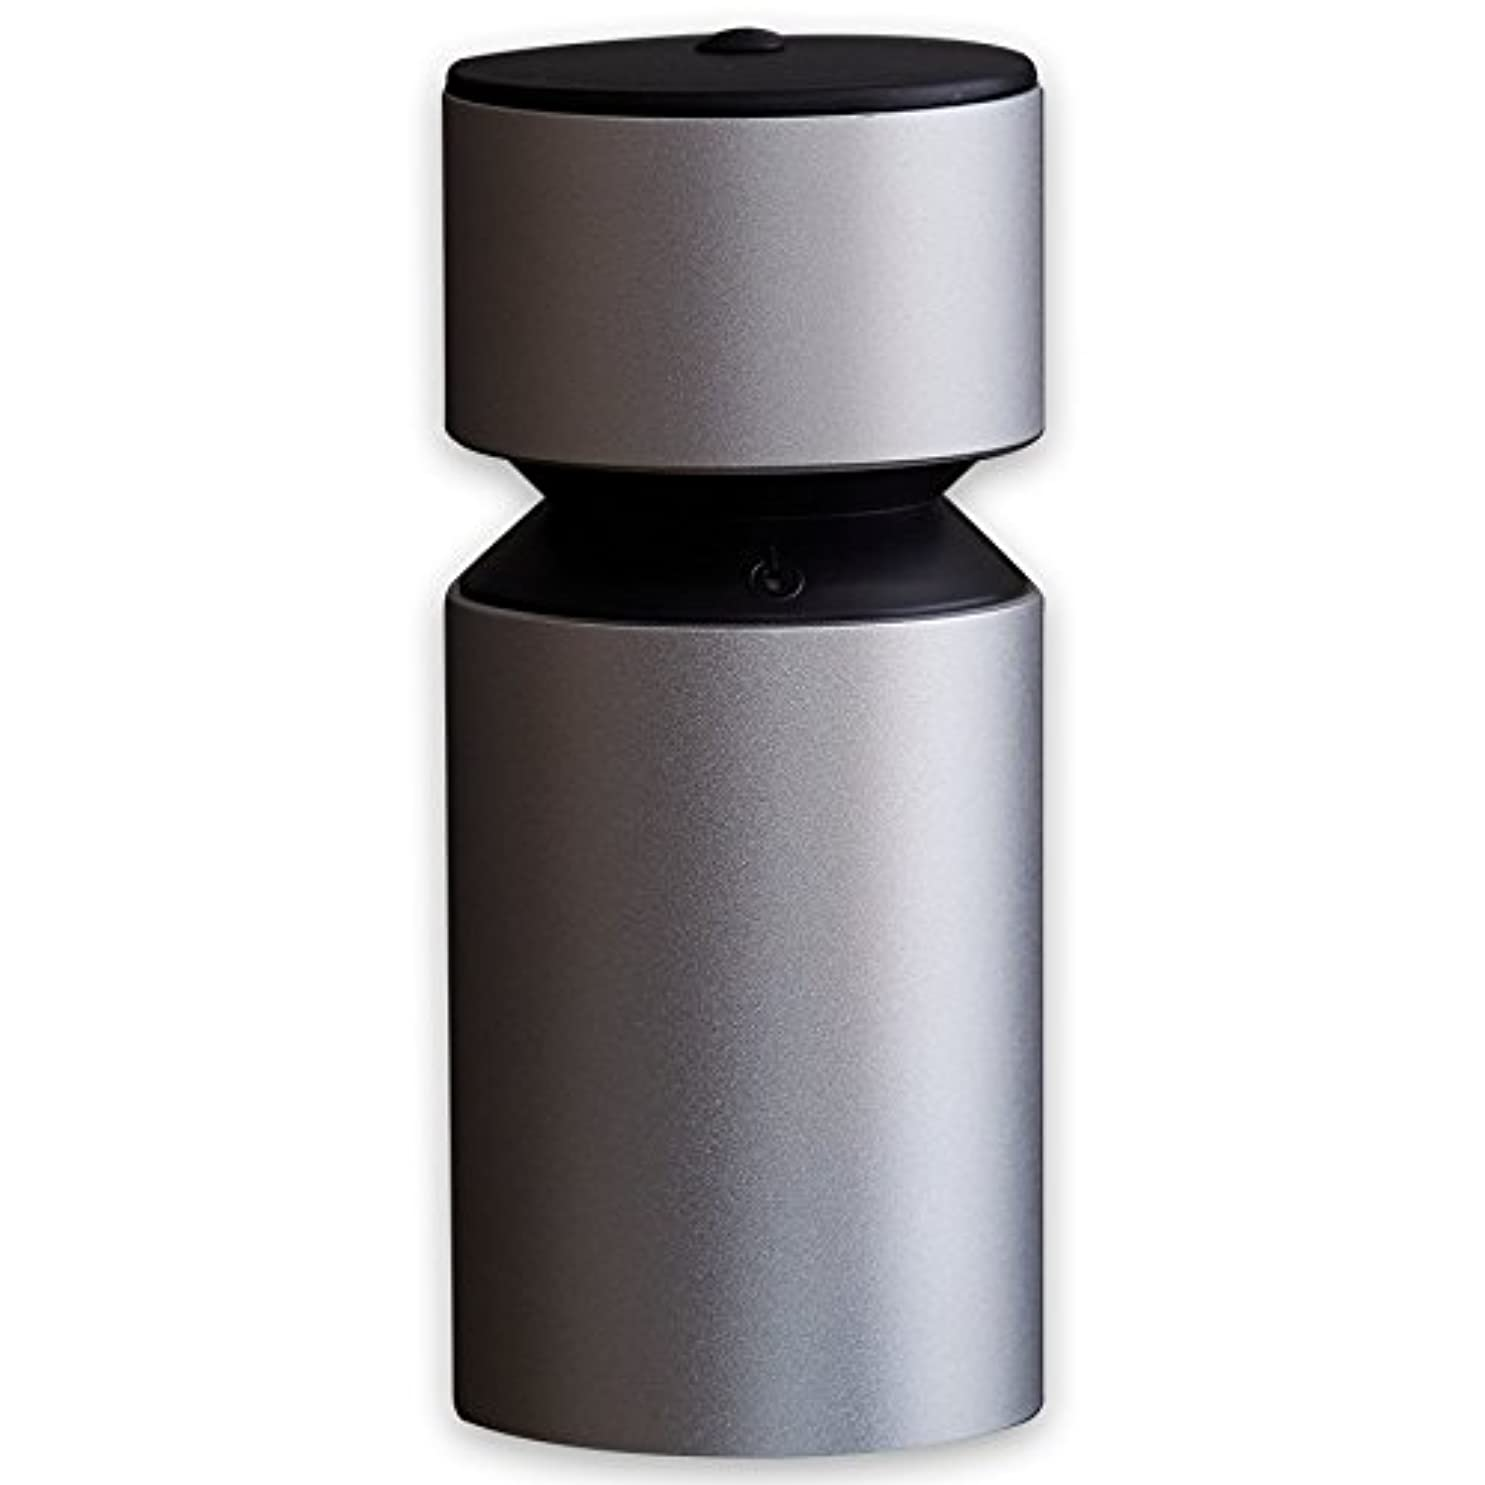 温帯心理的にセンチメンタルアロマディフューザー UR-AROMA03 卓上 小型 加湿器 Uruon(ウルオン) オーガニックアロマオイル対応 天然アロマオイル AROMA ポータブル usb コンパクト 充電式 タンブラー 2way アロマドロップ方式